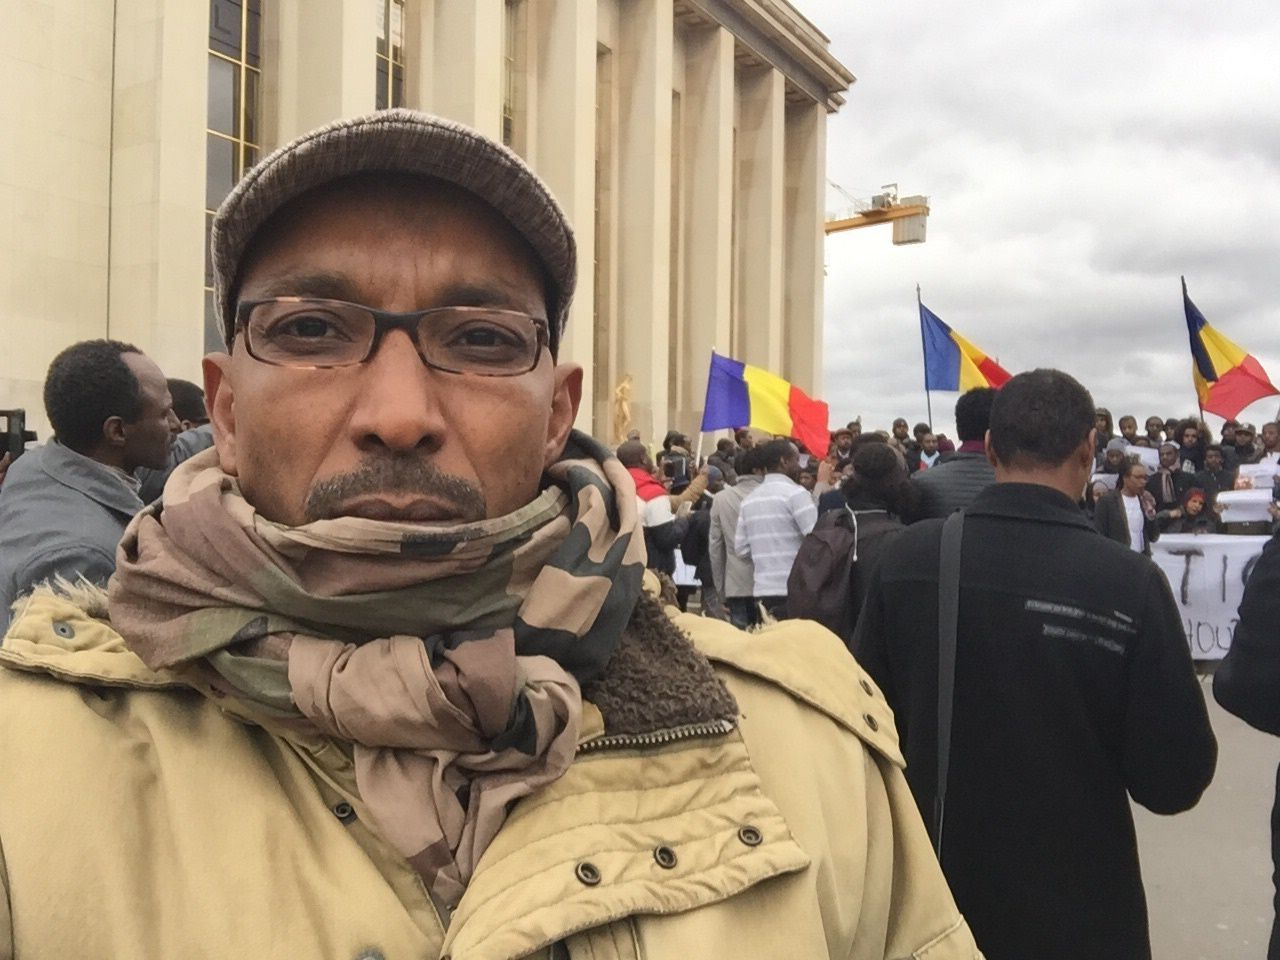 L'IMPASSE D'UN CHANGEMENT POLITIQUE AU TCHAD